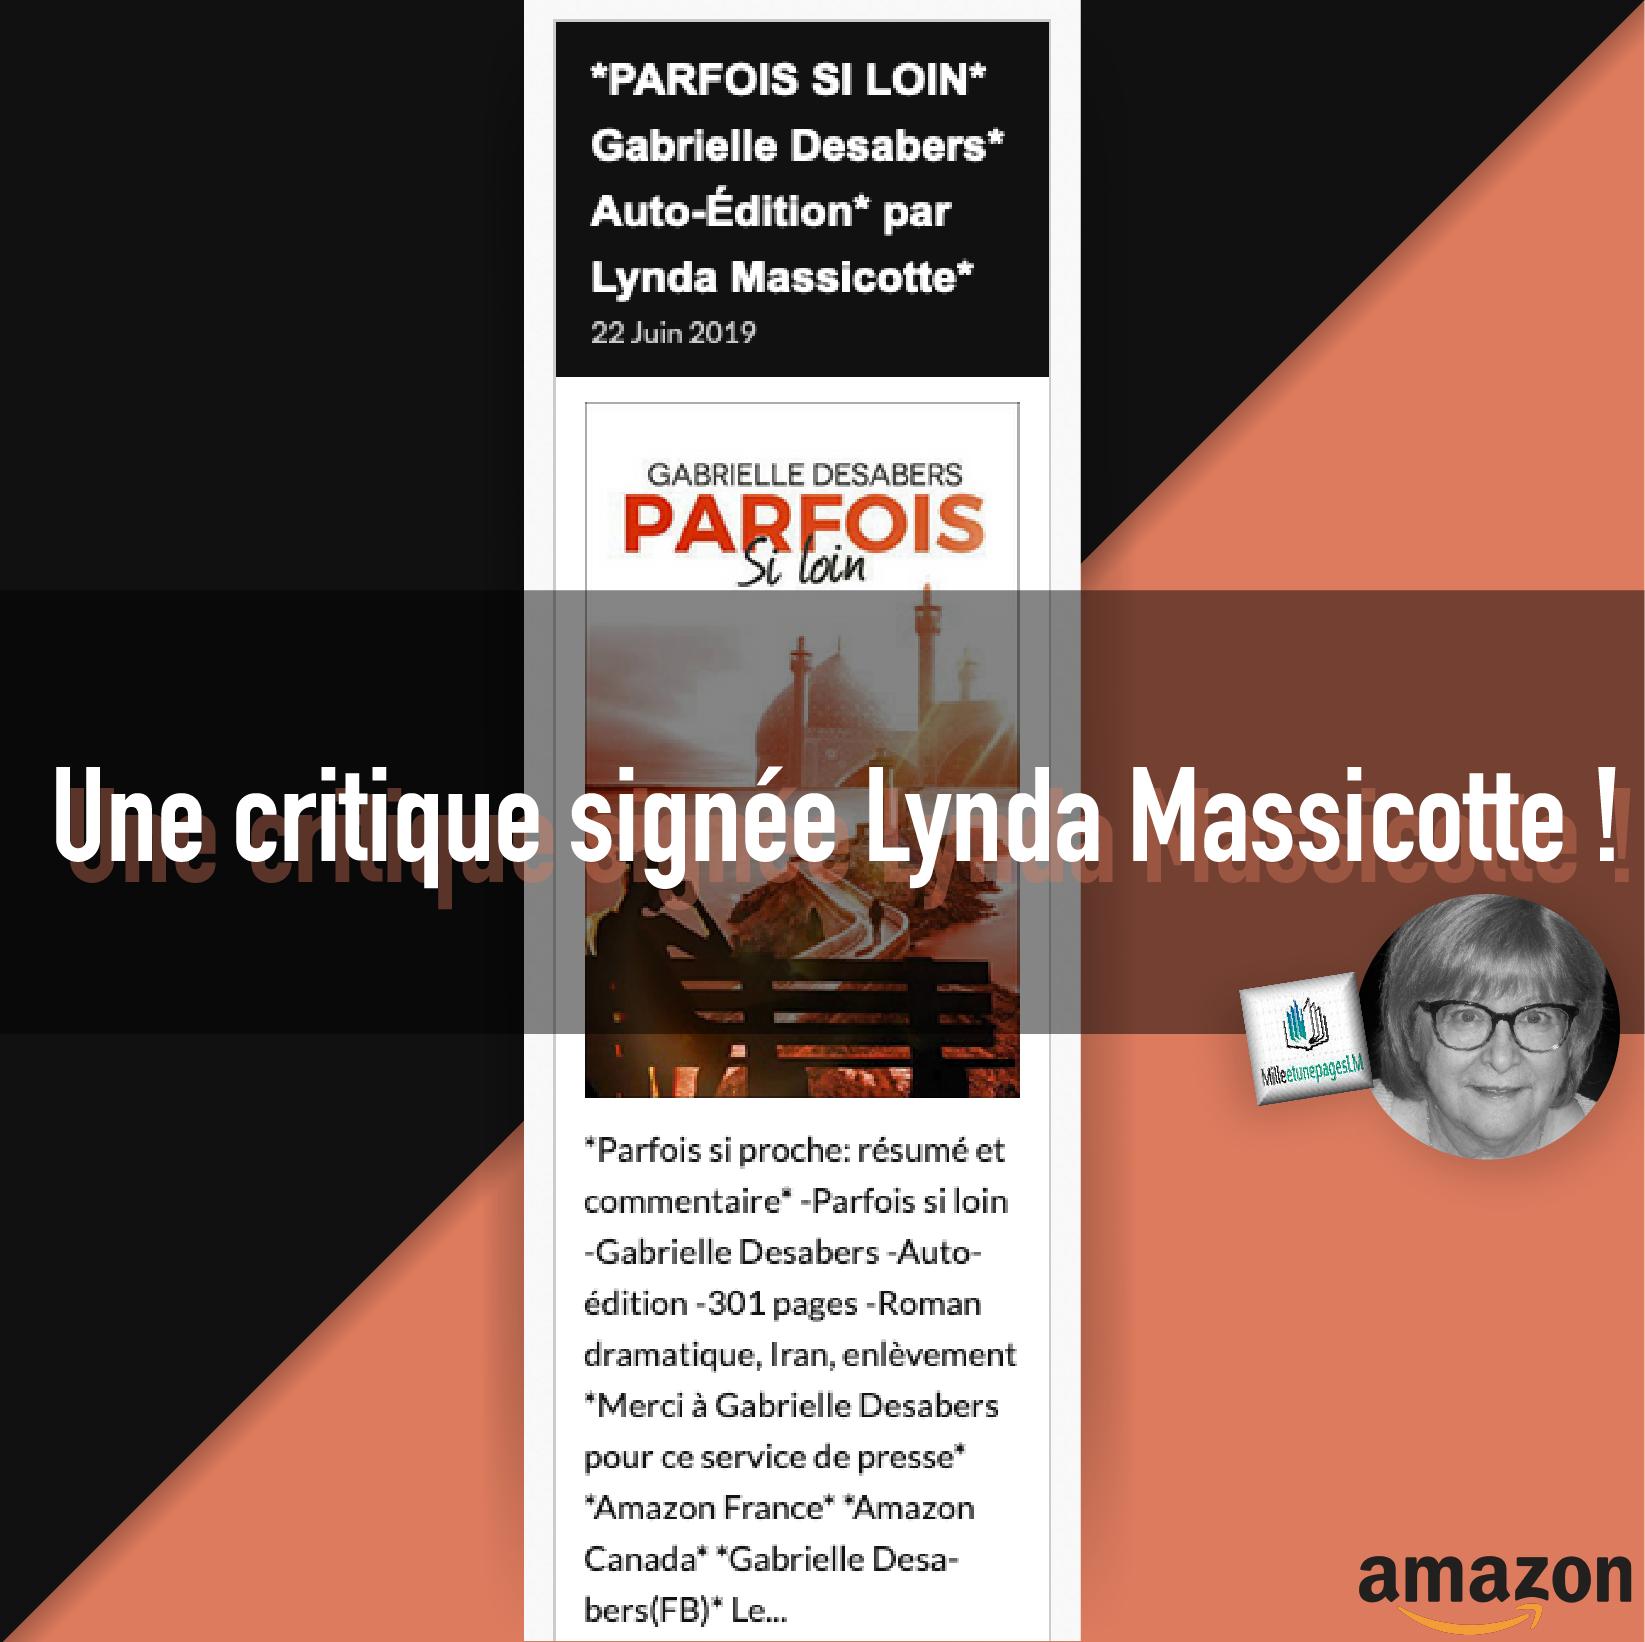 Une critique signée Lynda Massicotte !